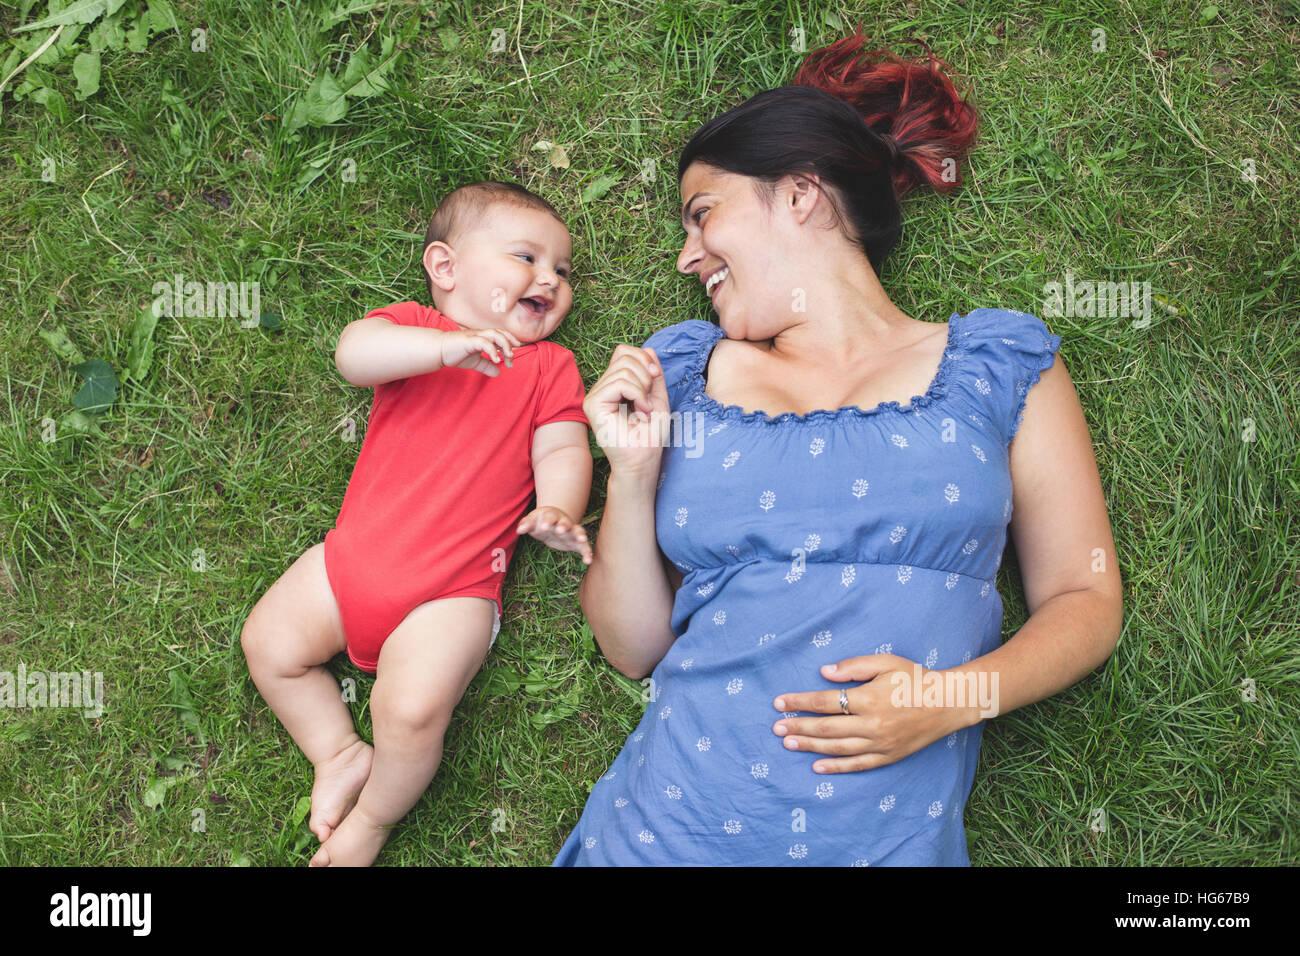 Overhead Schuss einer Mutter mit ihrem Baby Sohn auf dem Rasen kleben Stockbild